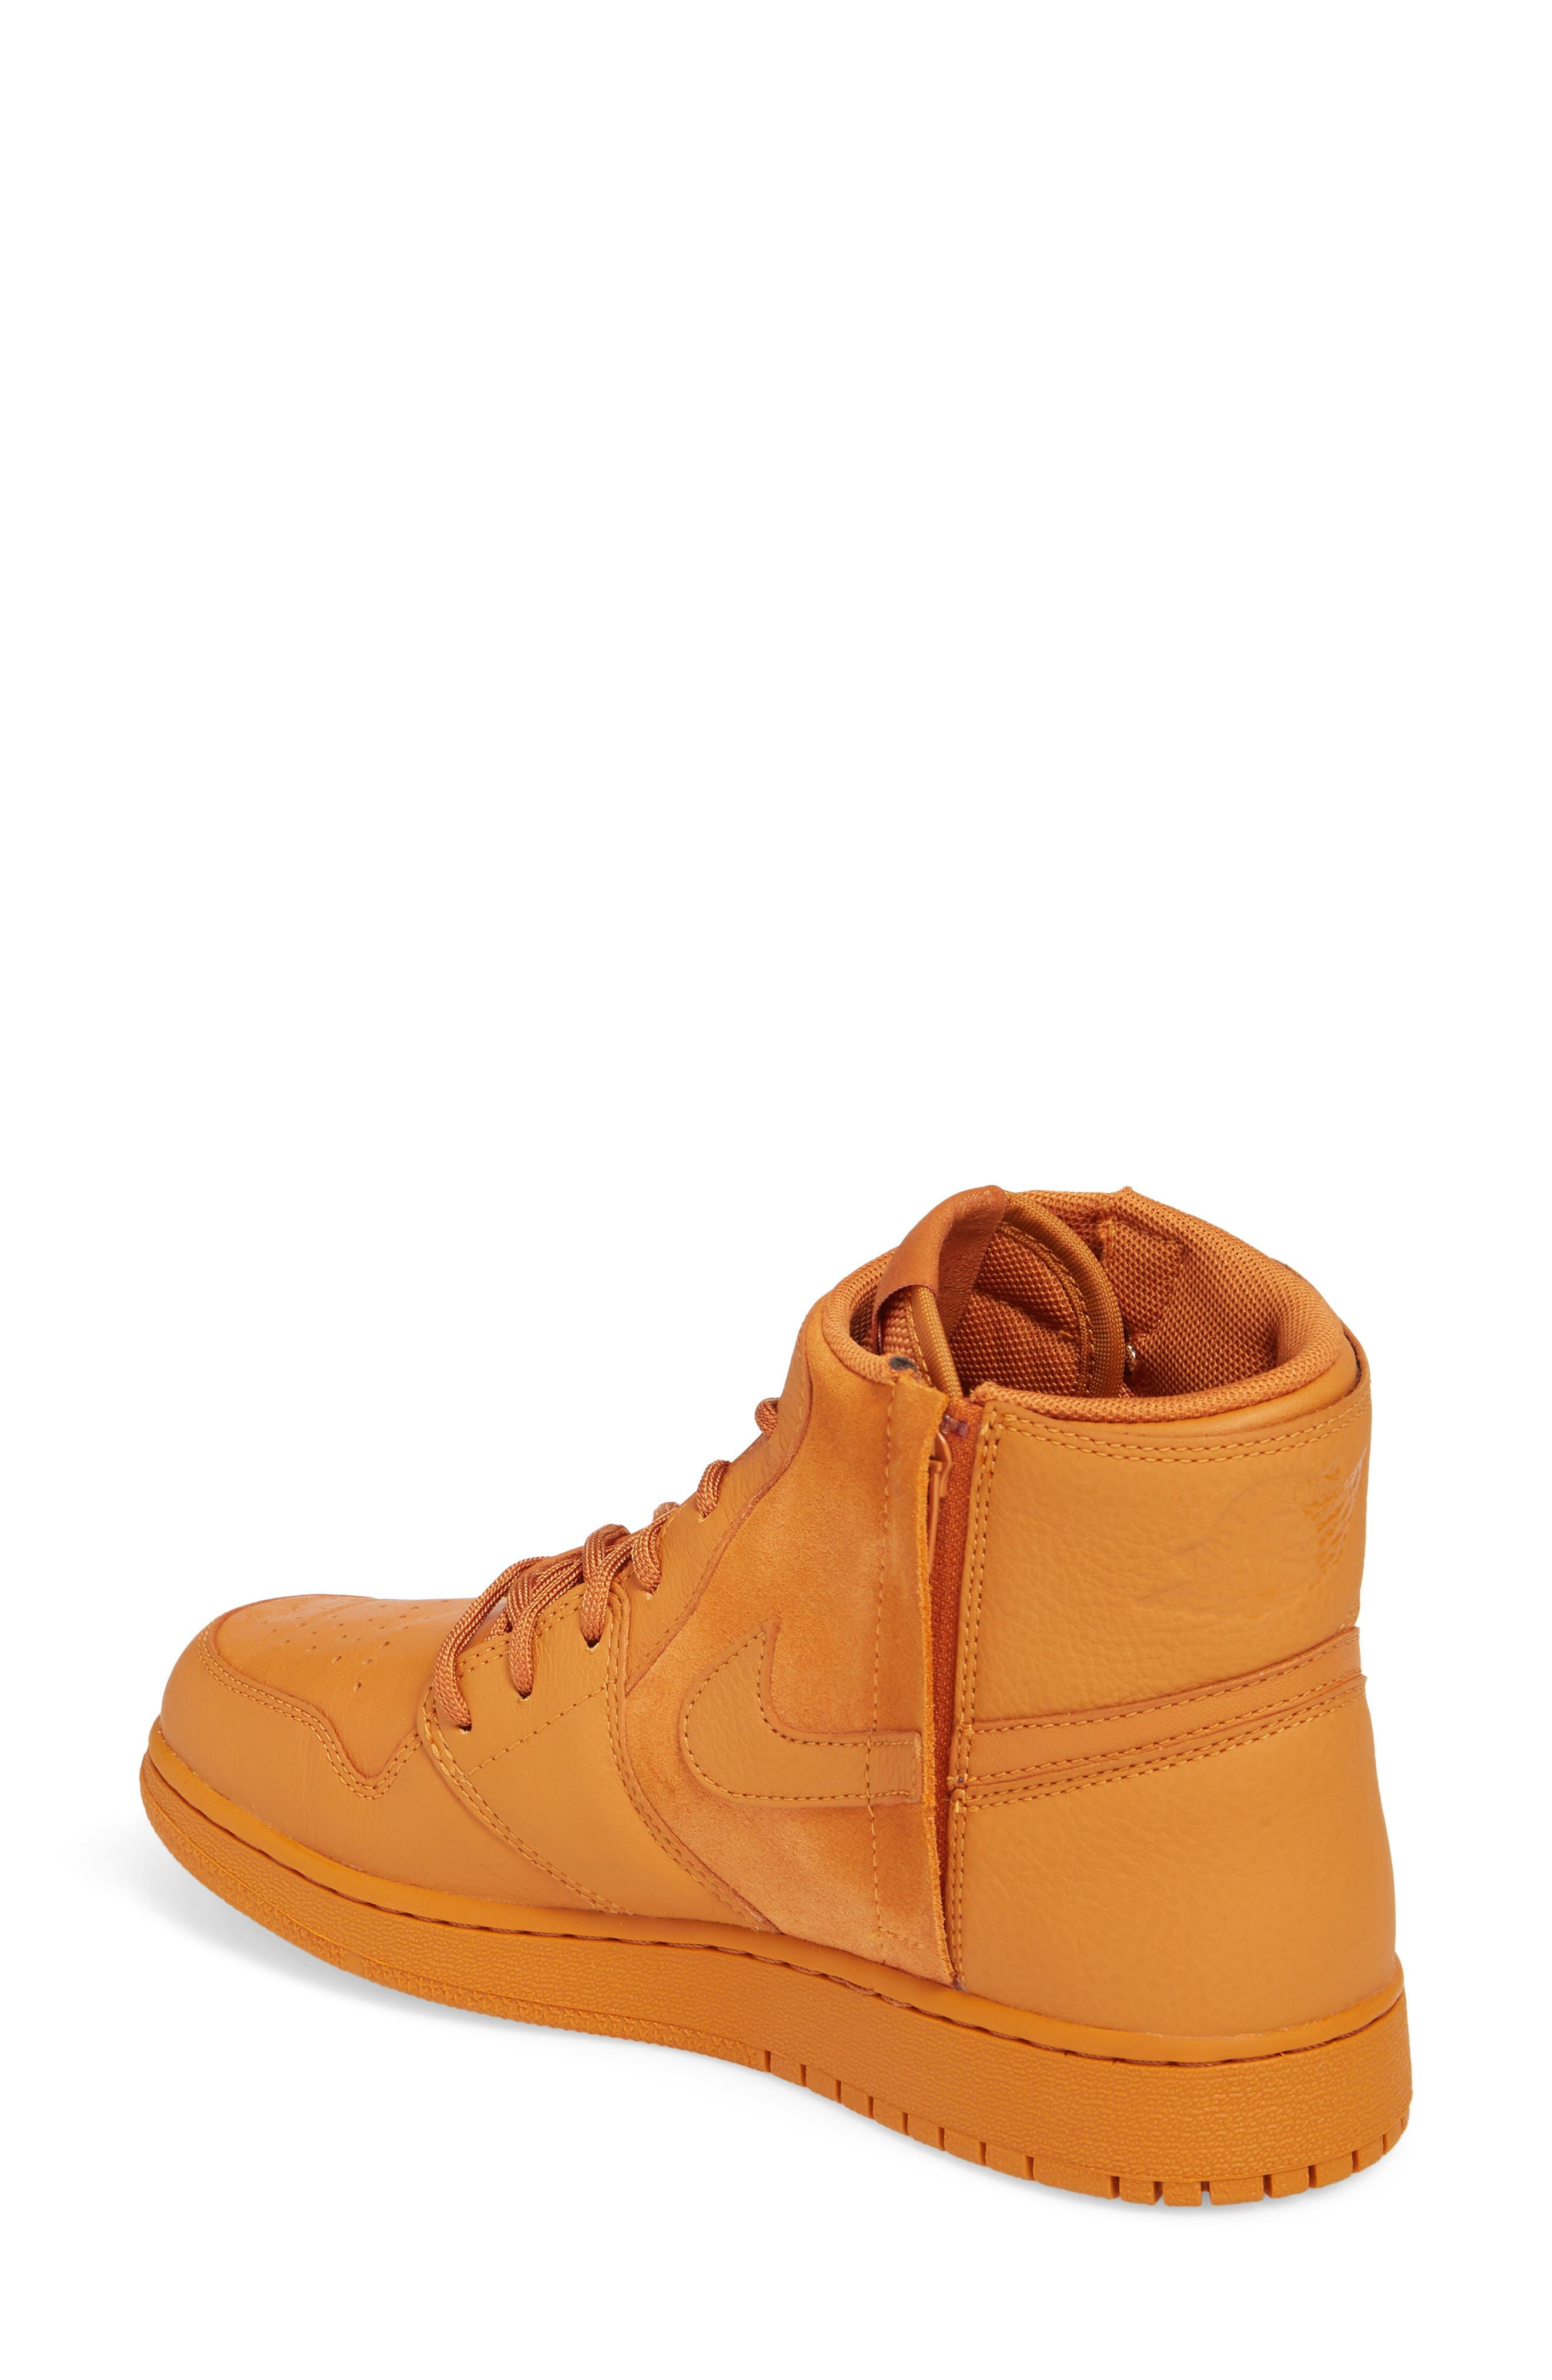 Air Jordan 1 Rebel XX High Top Sneaker,                             Alternate thumbnail 2, color,                             Cinder Orange